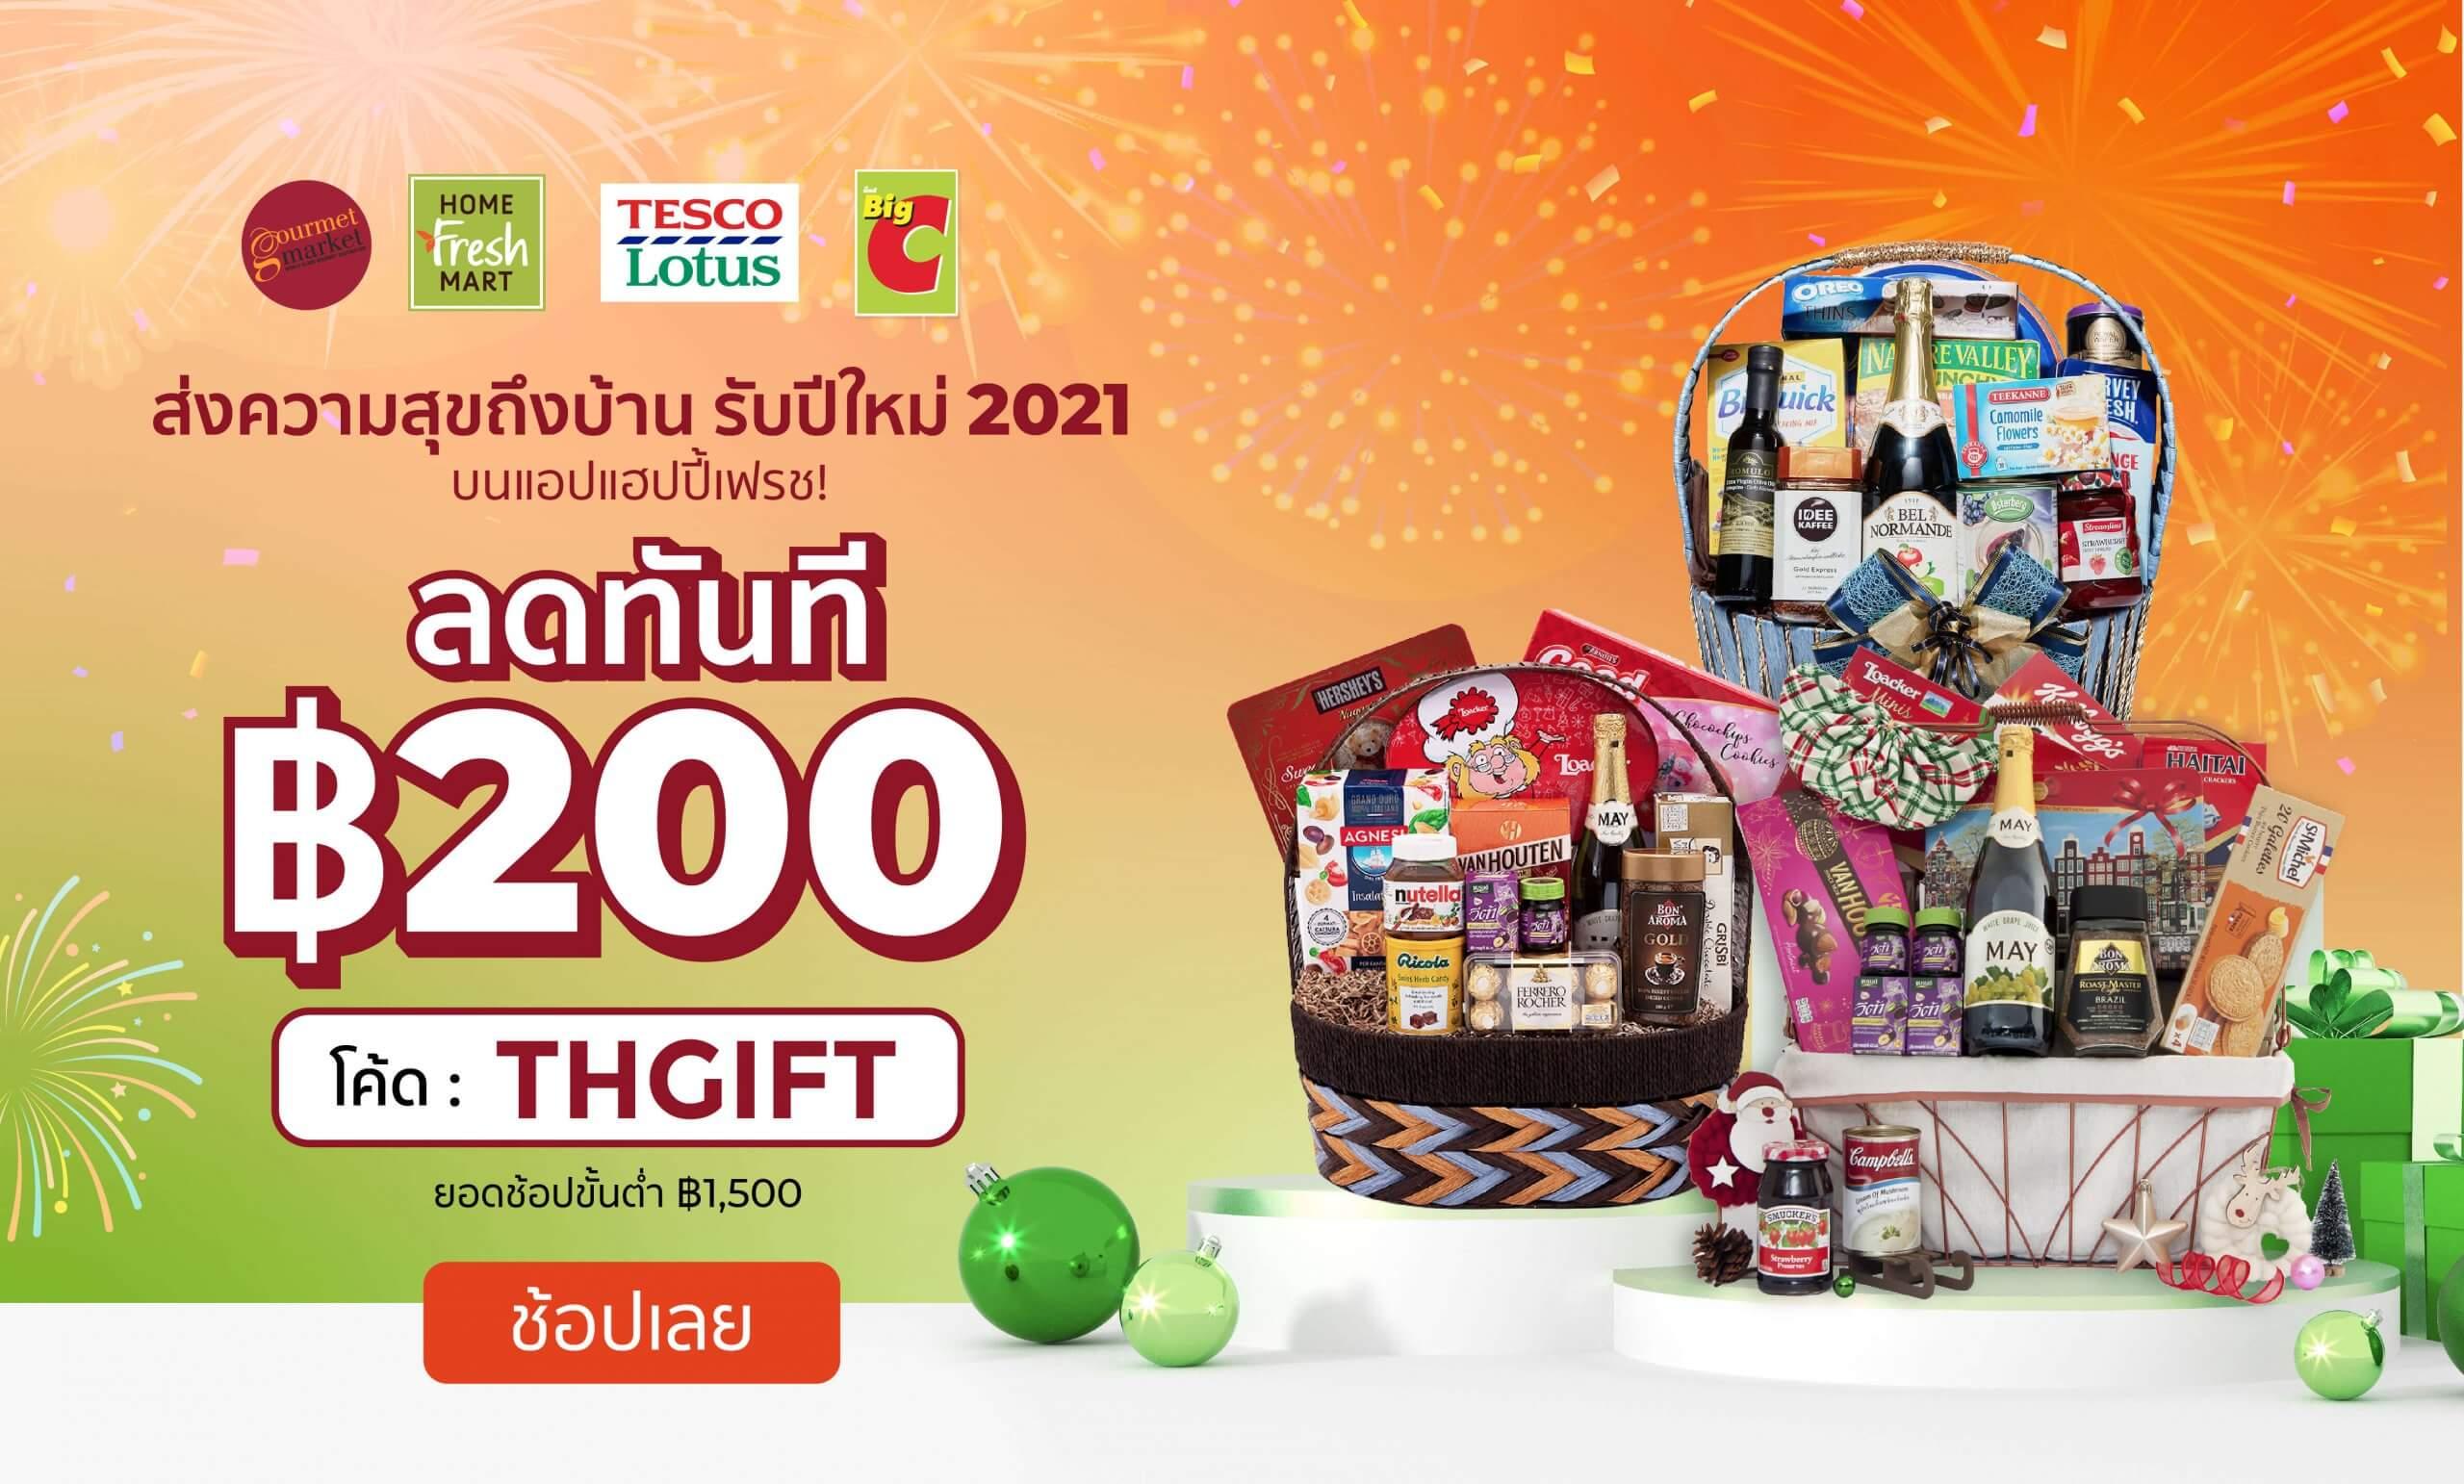 โปรโมชั่น กระเช้าของขวัญปีใหม่ ลดเพิ่ม 200 บาท